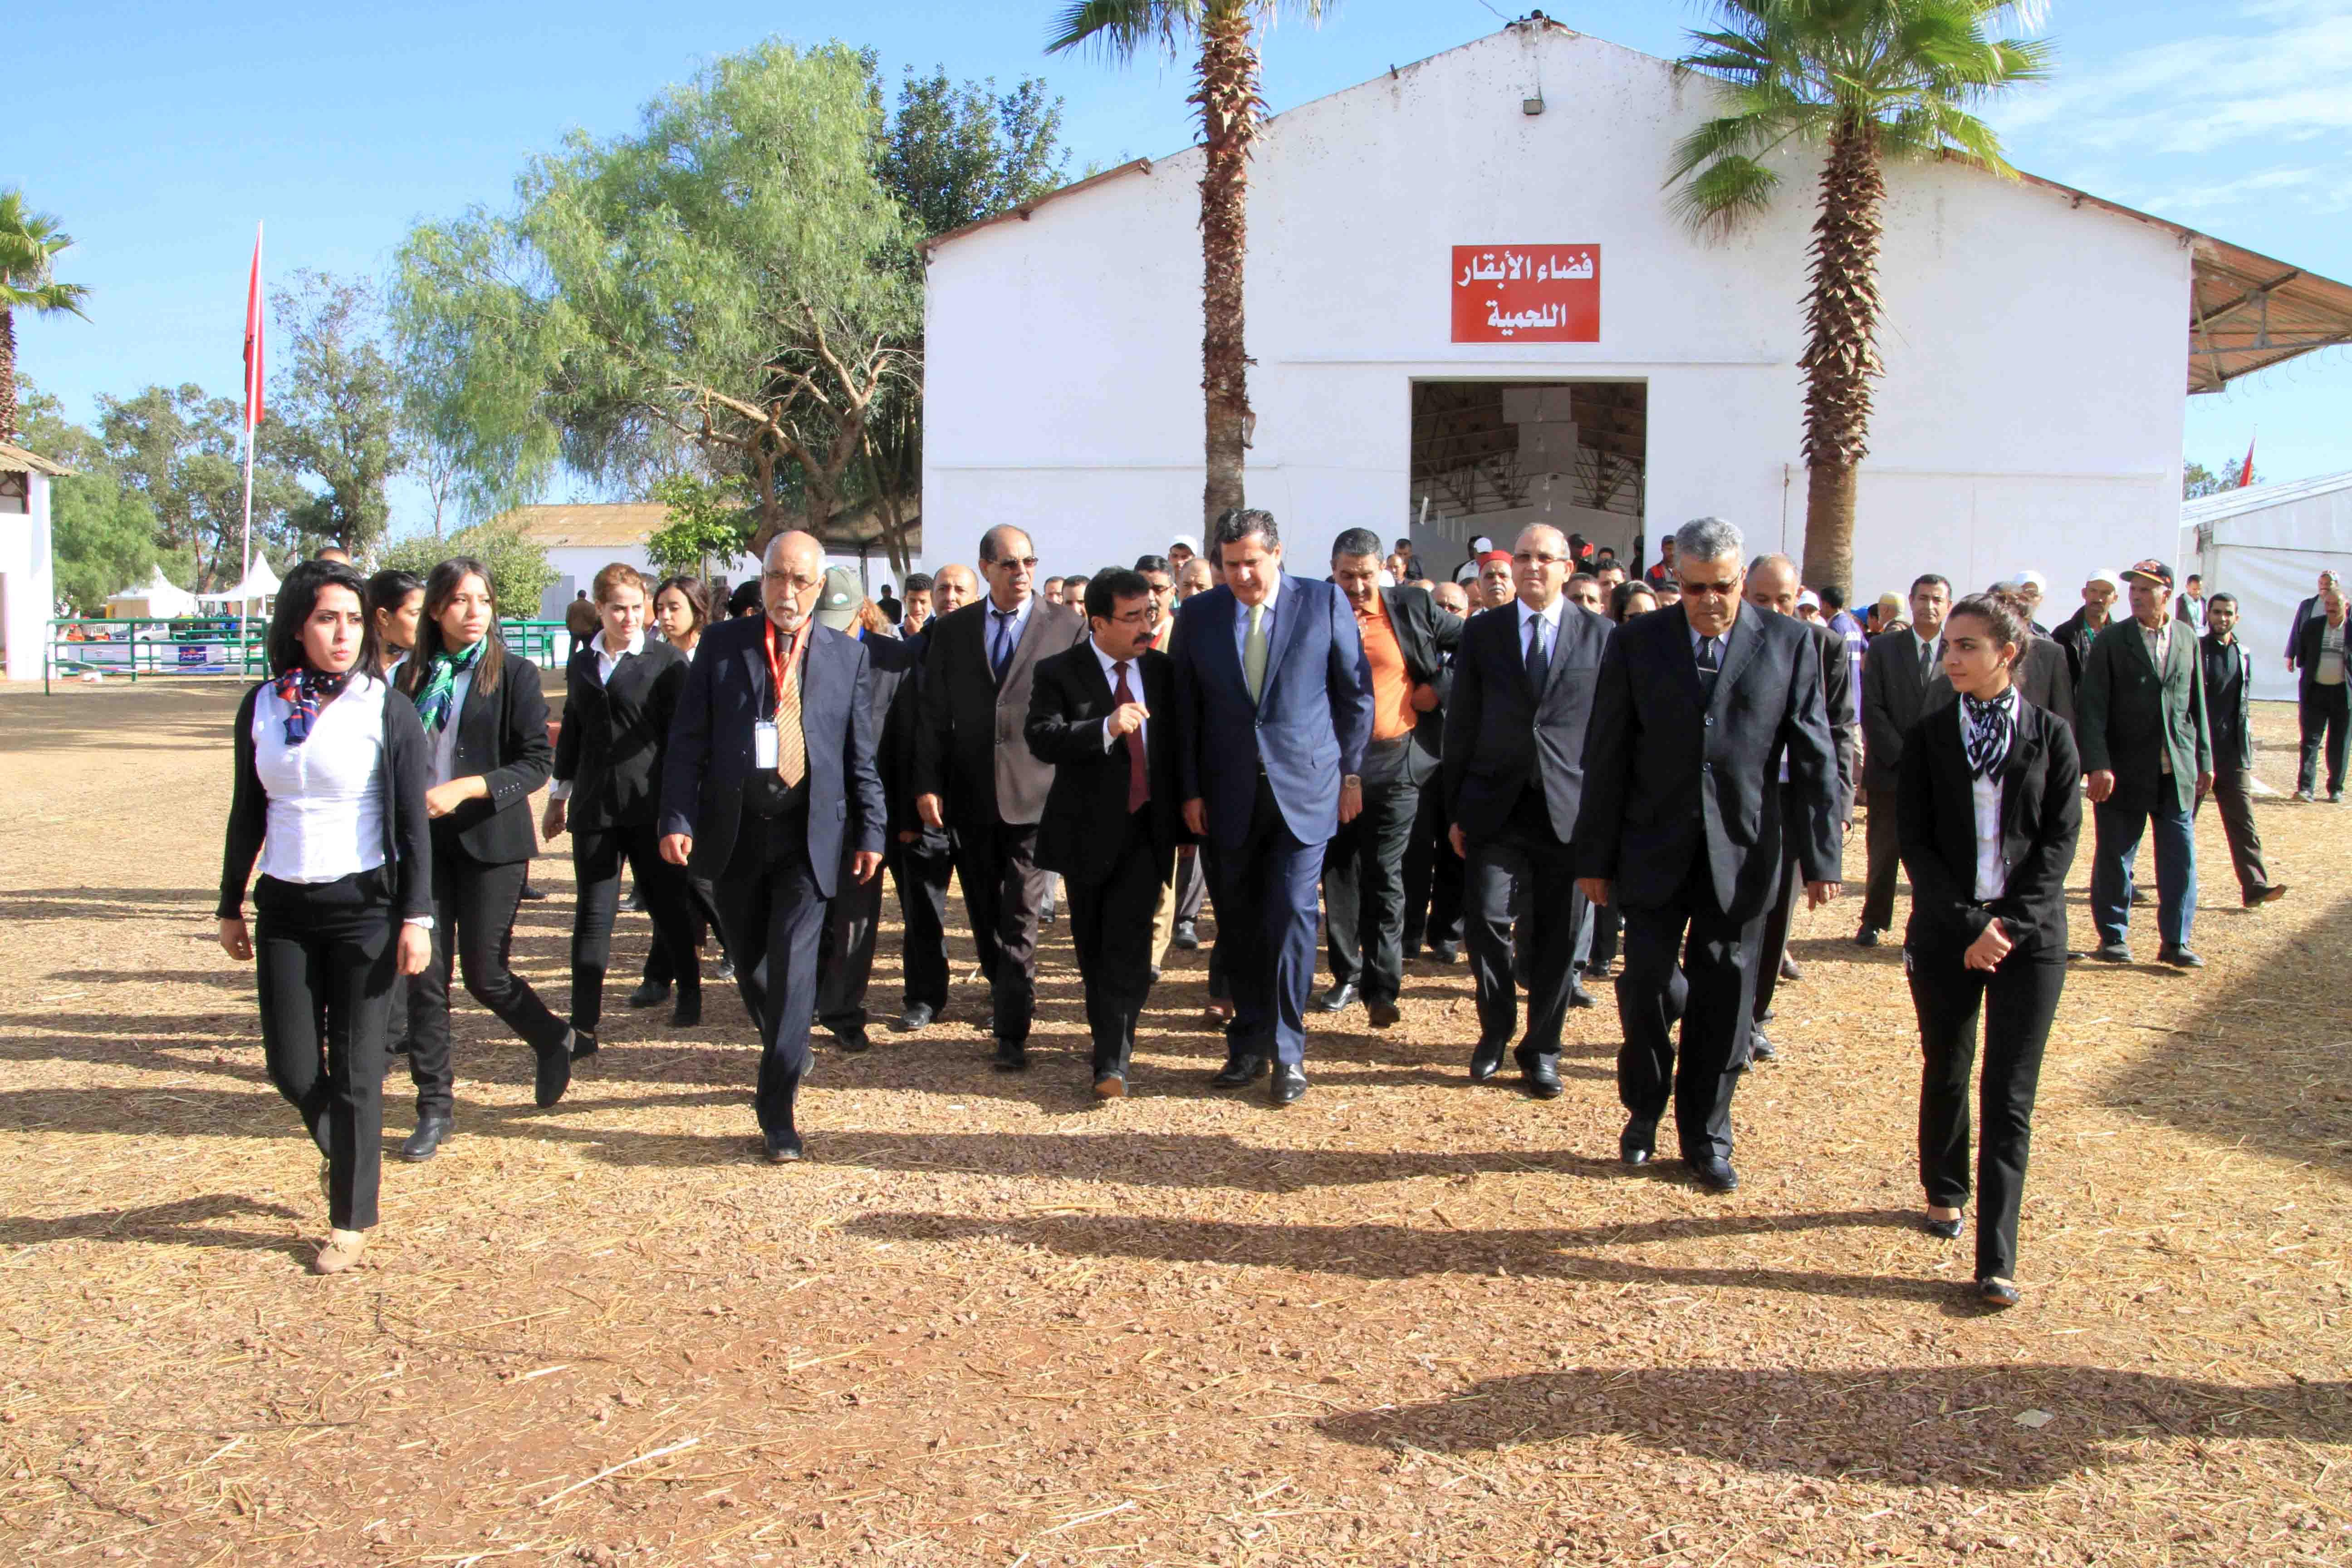 صور لزيارة السيد عزيز أخنوش وزير الفلاحة للمعرض الوطني المهني لتنمية تربية الماشية